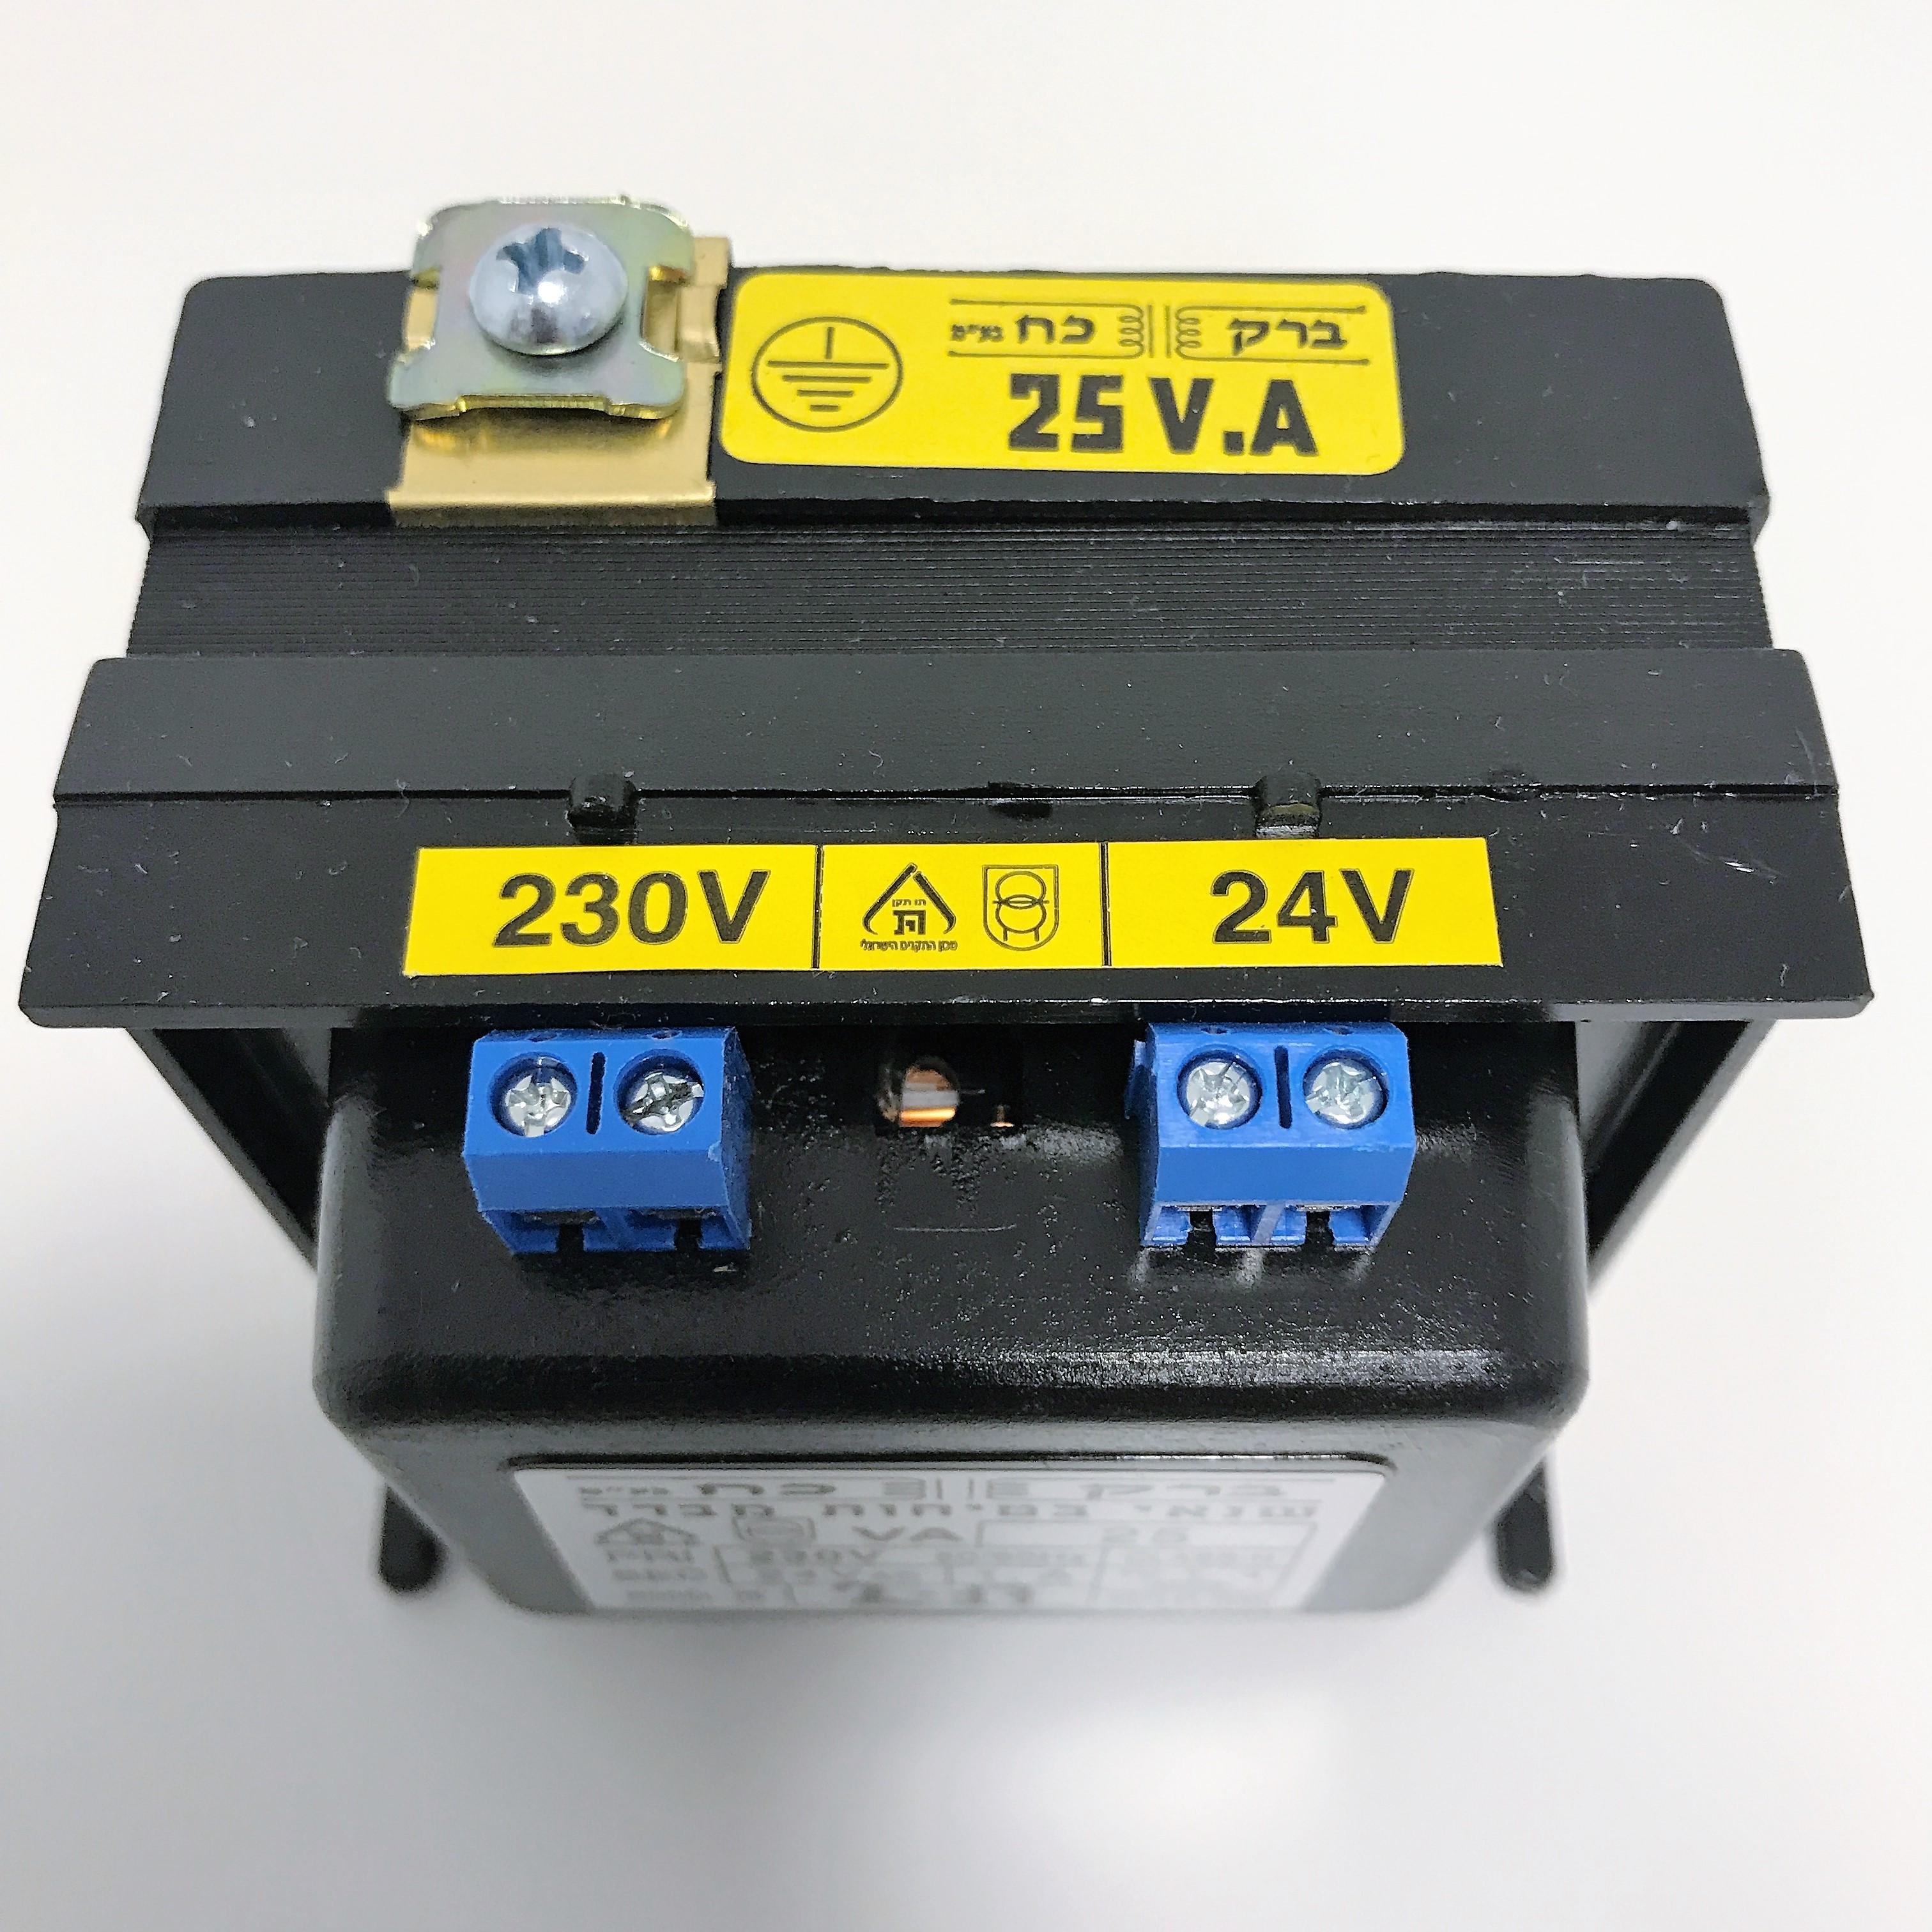 שנאי מבדל בהספק 25VA מתחים 230V-12V